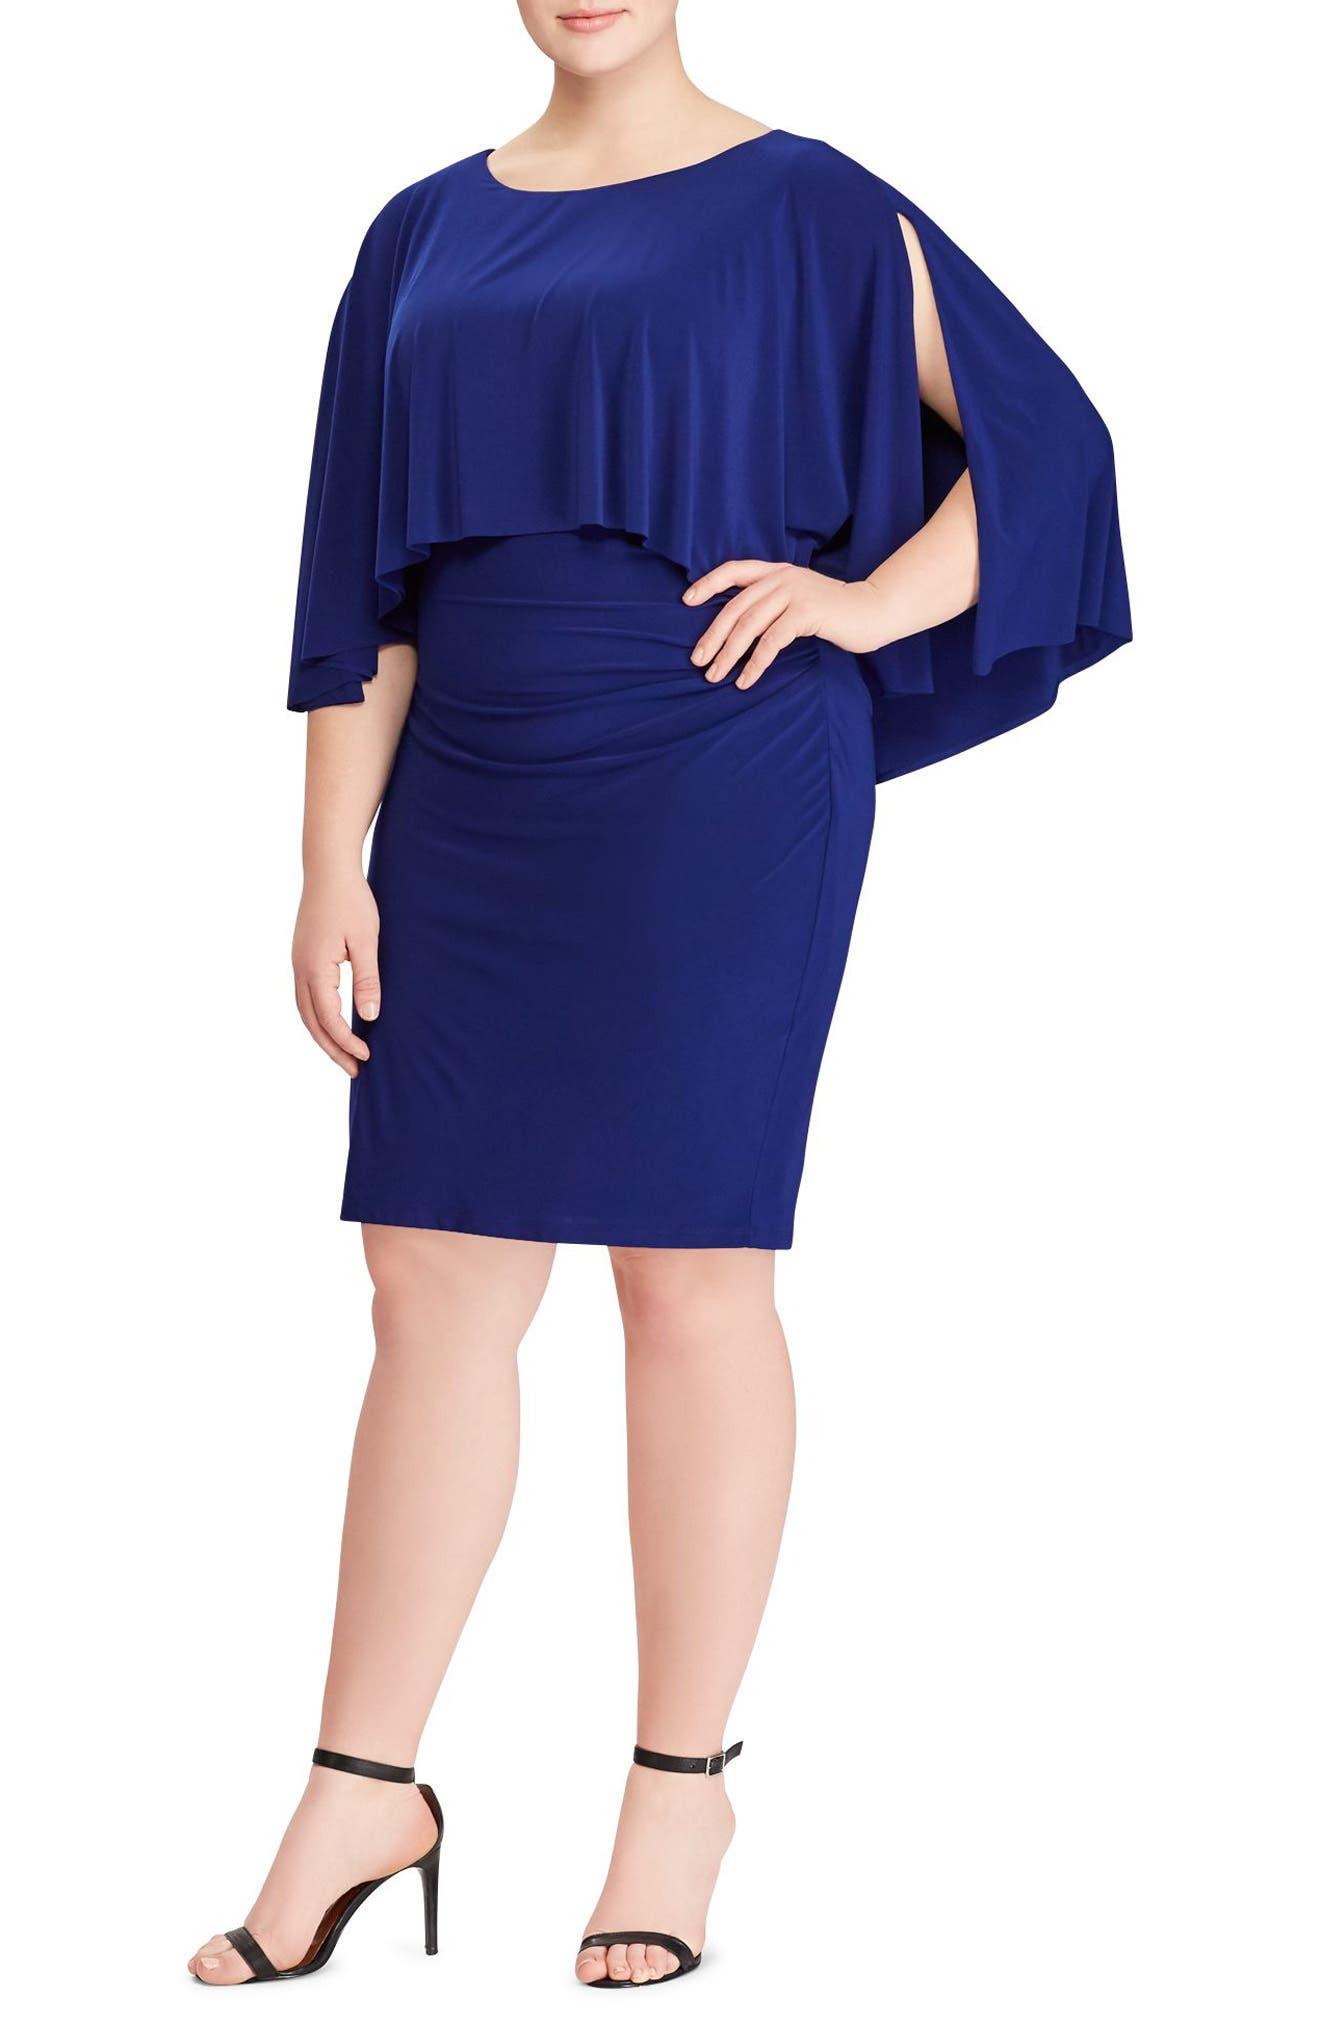 Abriella Cape Sheath Dress,                         Main,                         color, Rich Sapphire